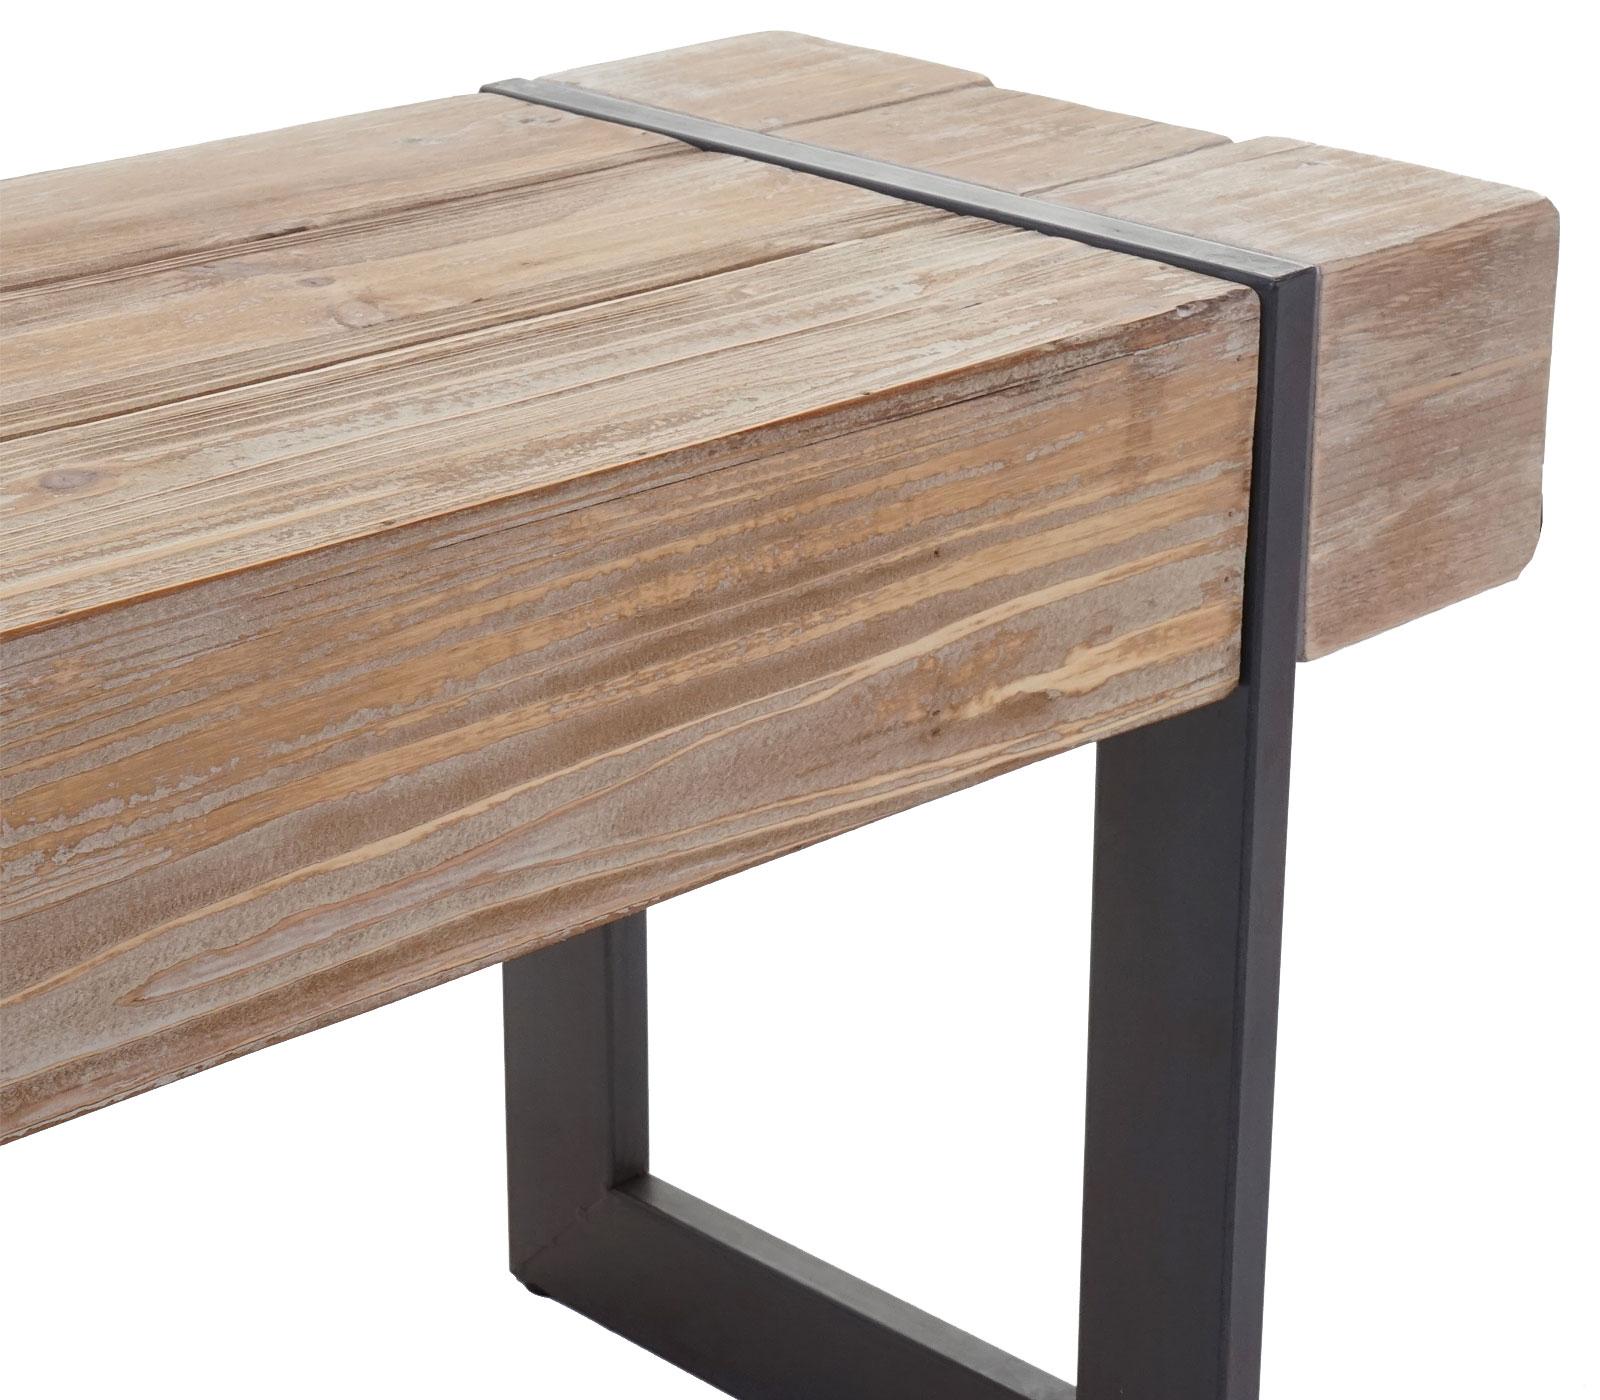 sitzbank mcw a15 esszimmerbank bank tanne holz rustikal massiv 180cm 4057651186795 ebay. Black Bedroom Furniture Sets. Home Design Ideas